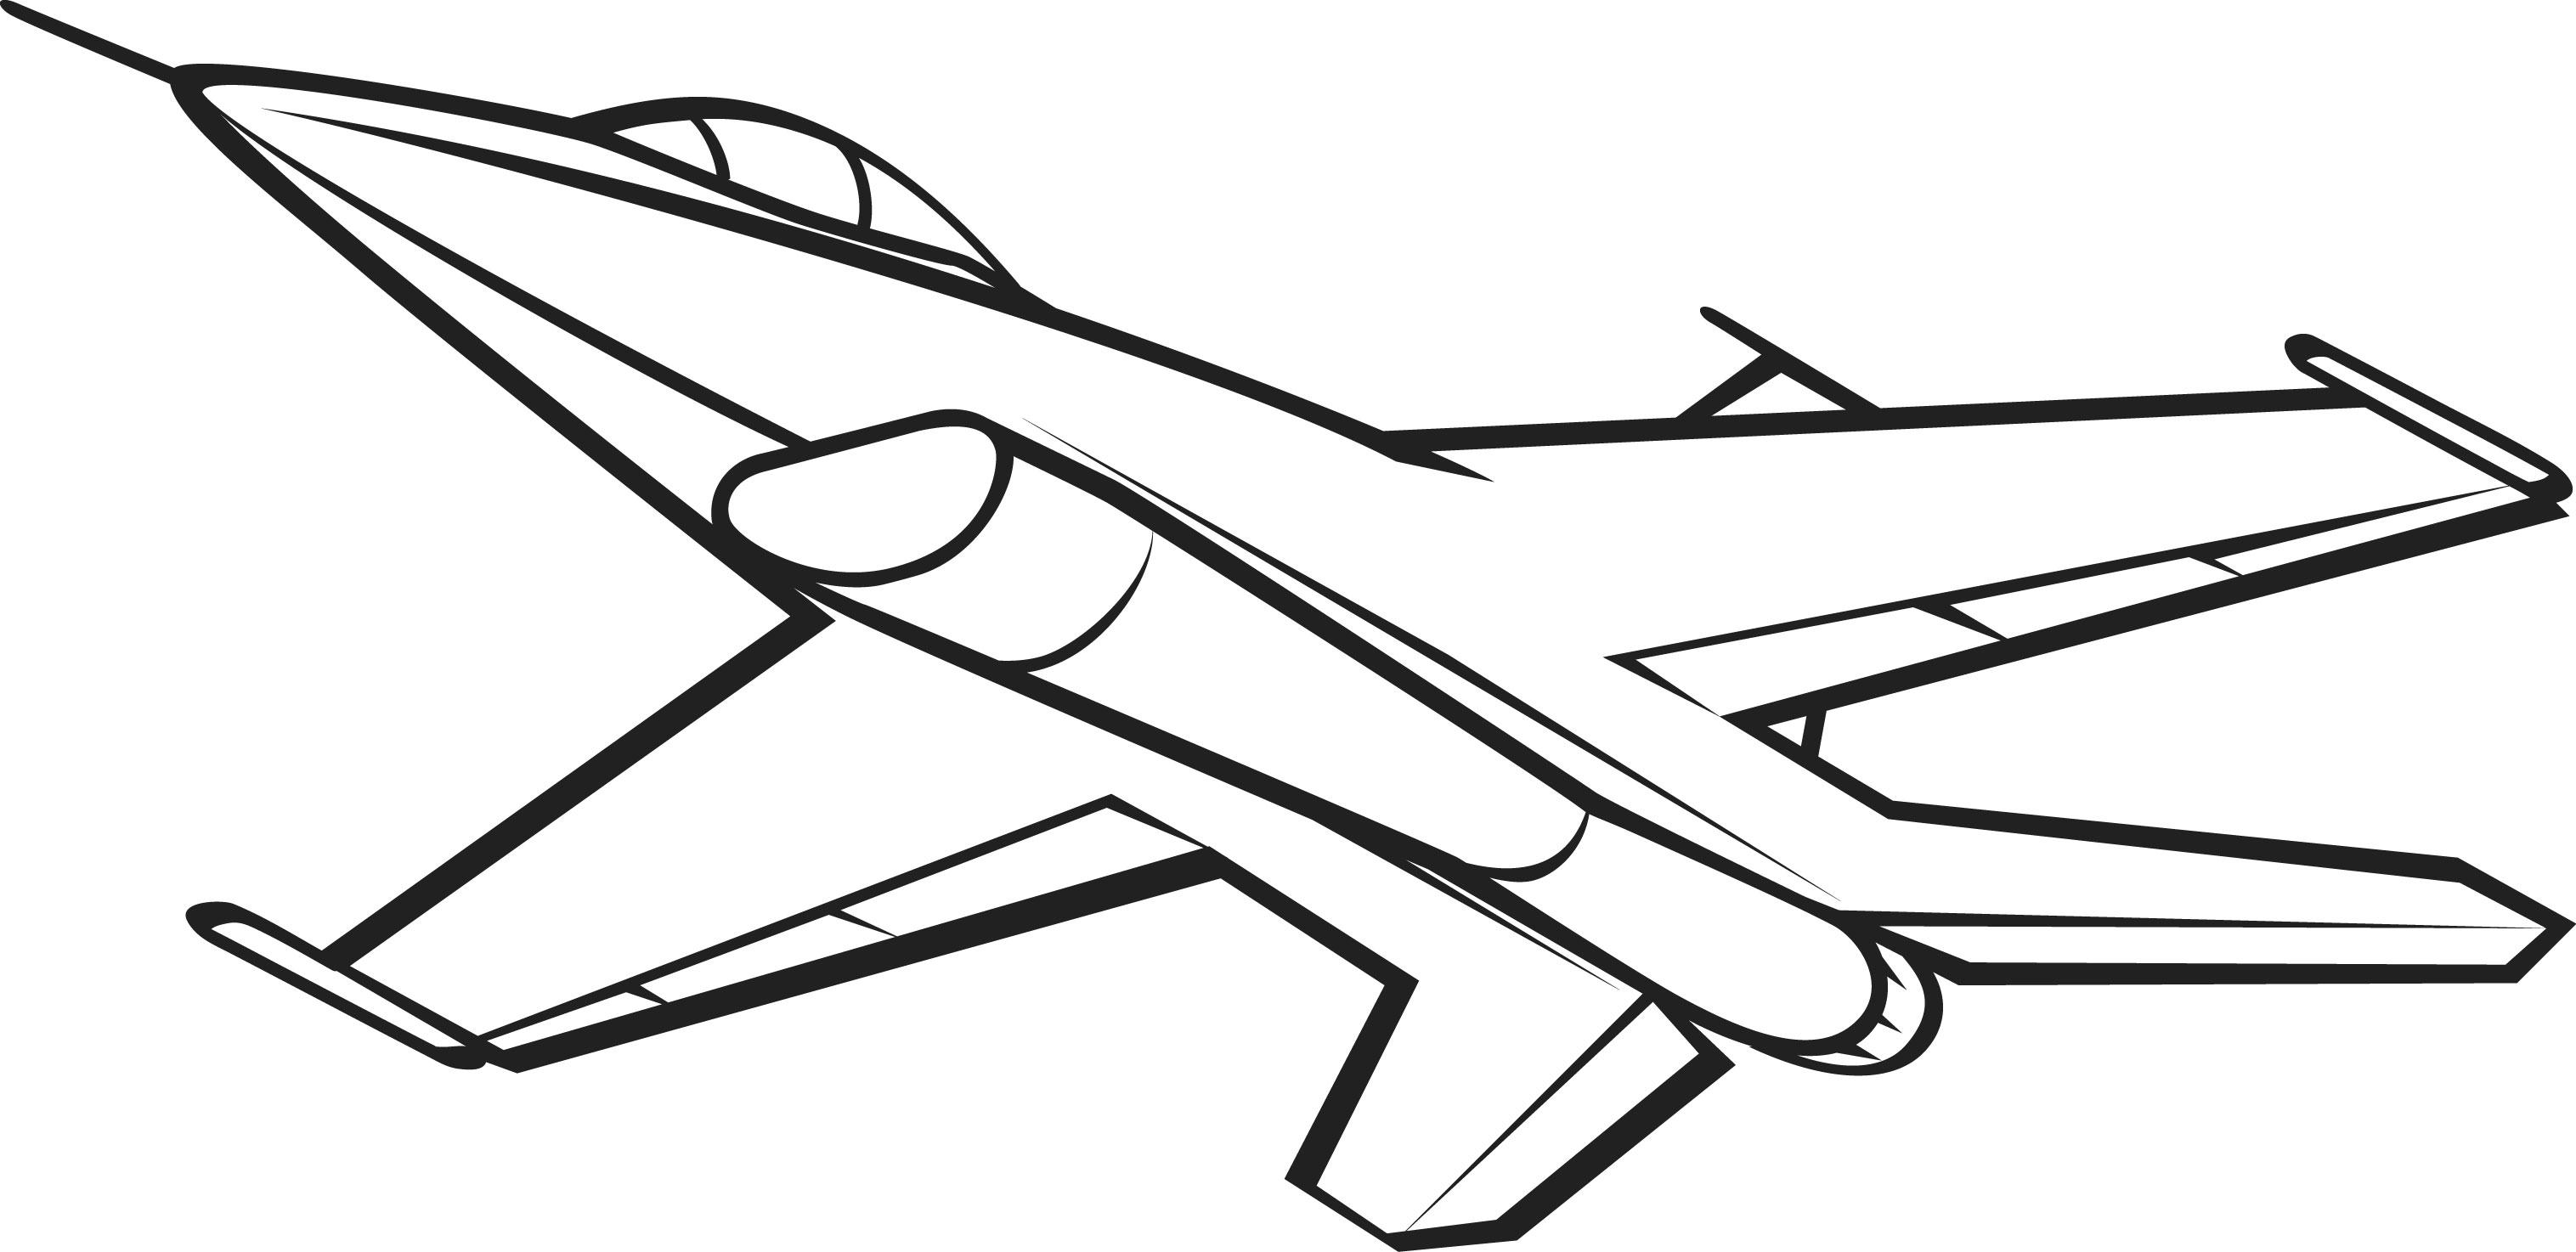 Samling af Jet Cliparts (45)